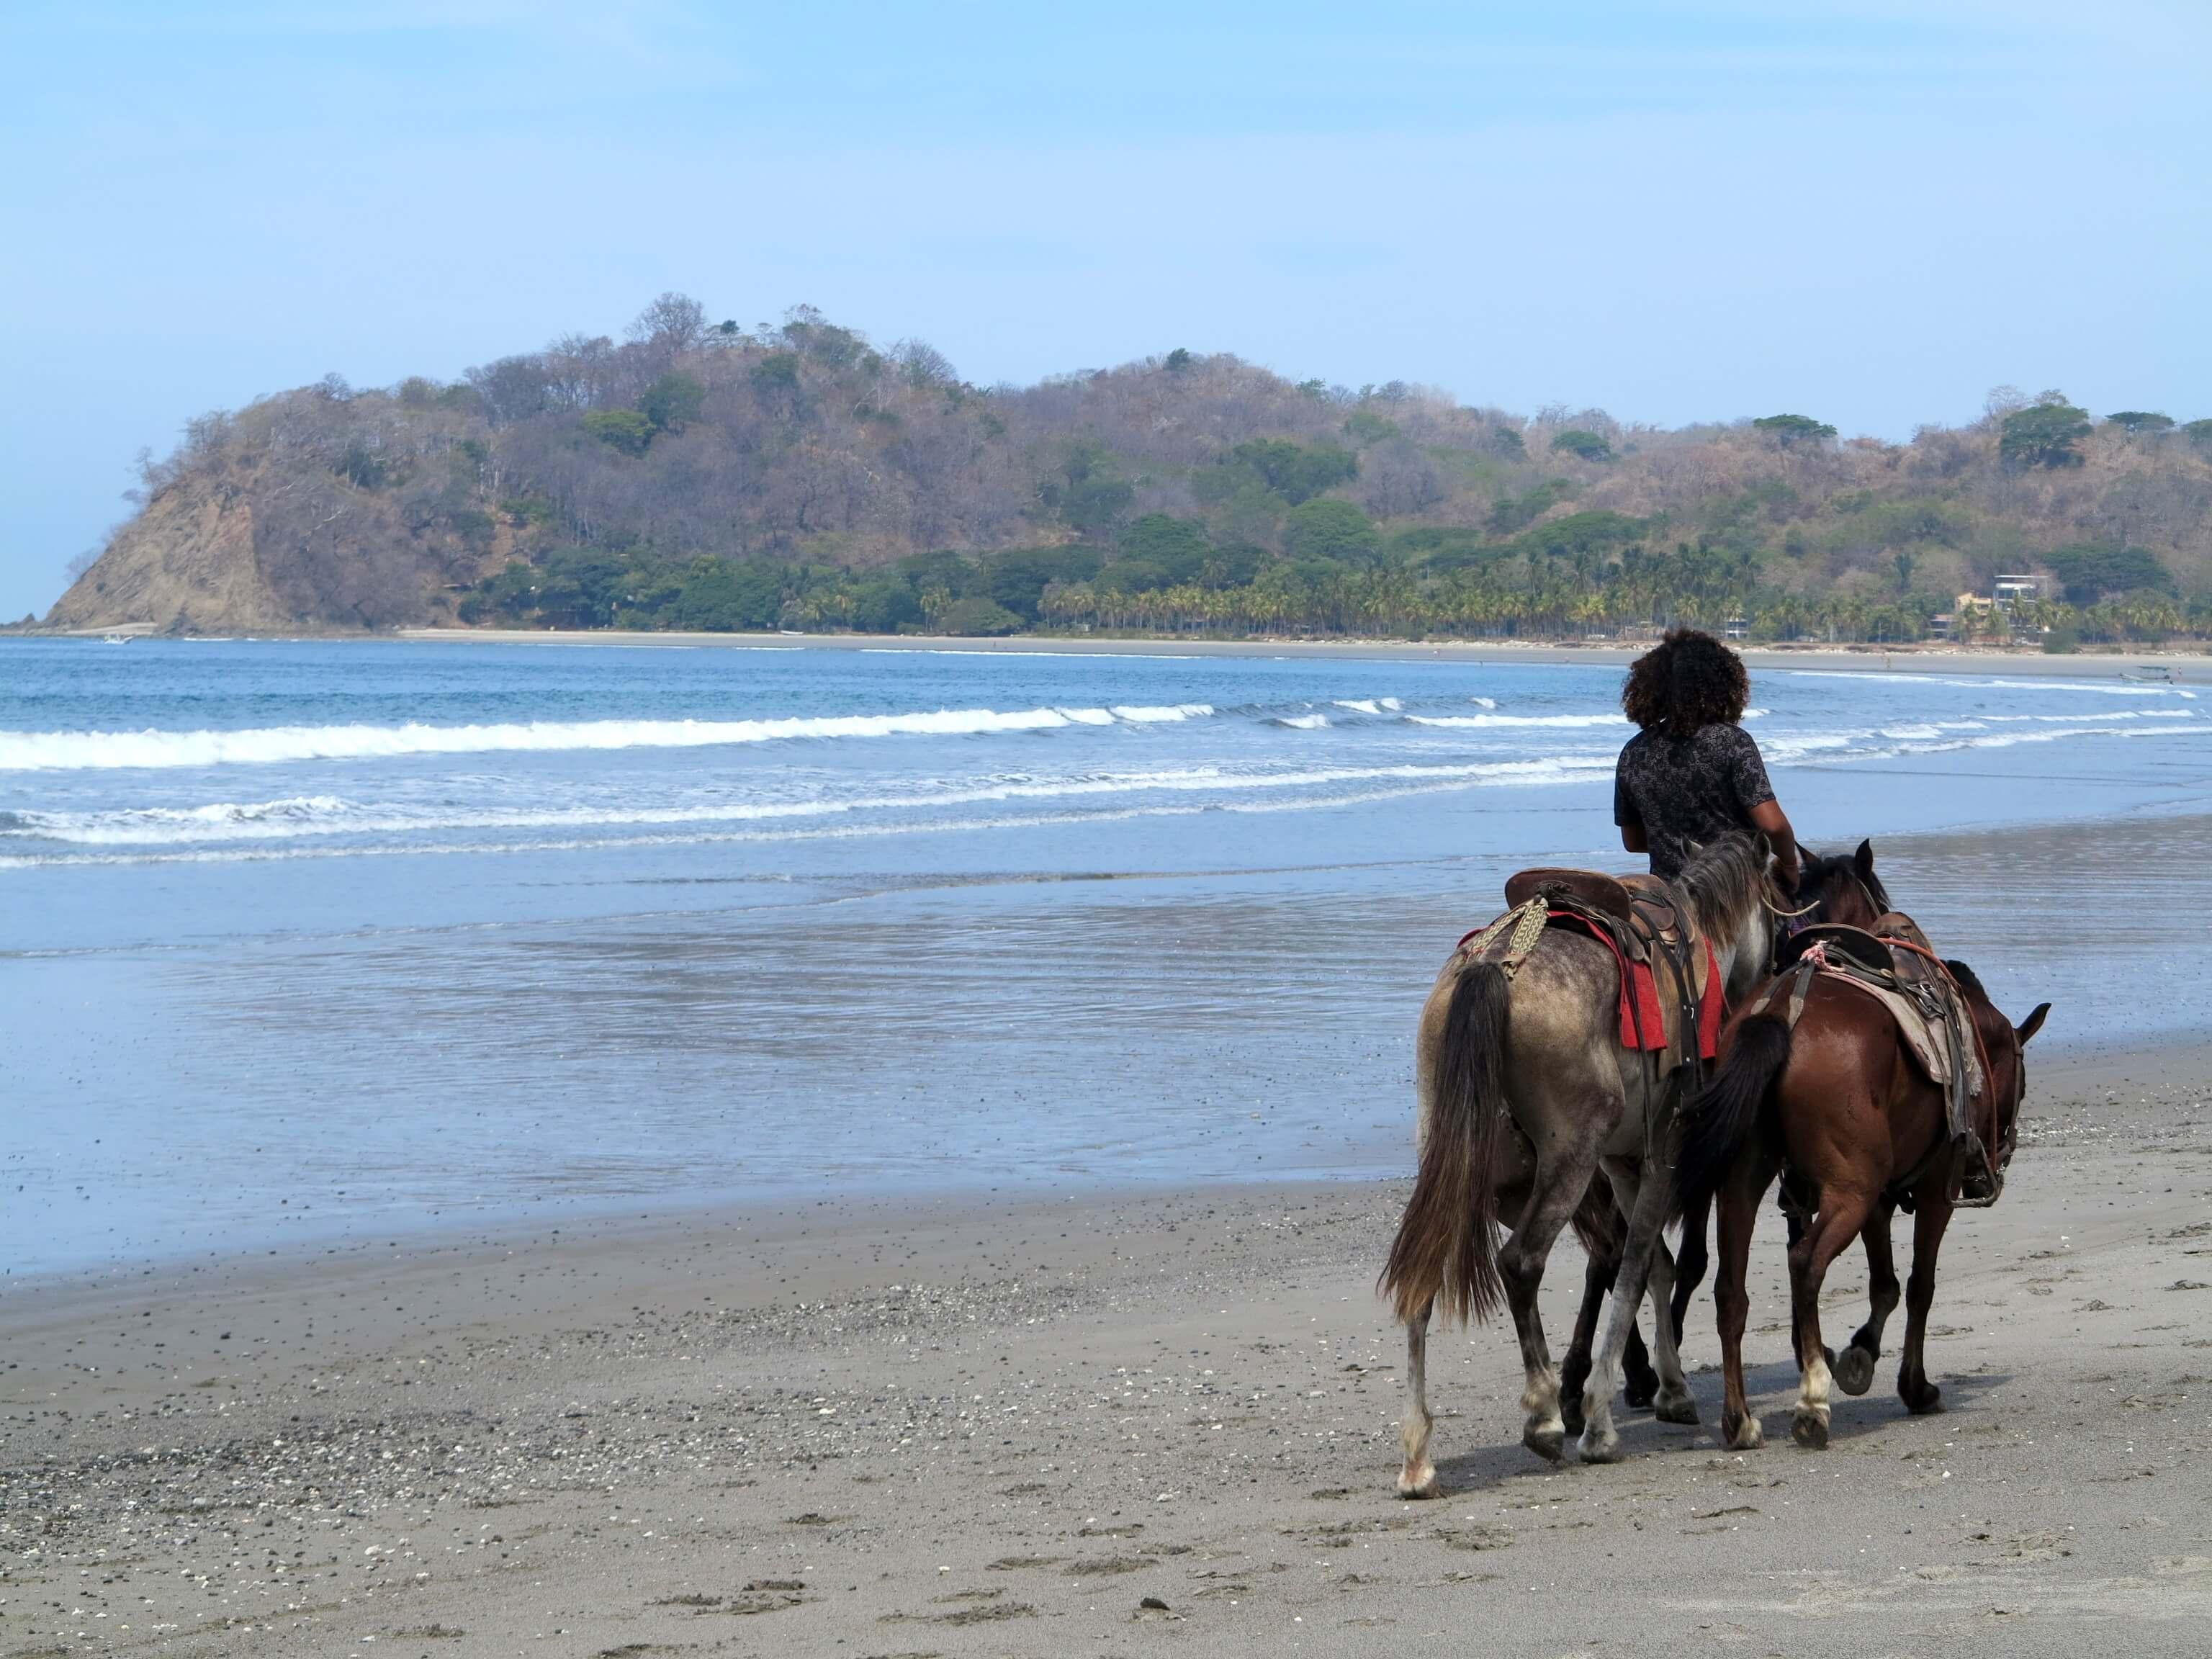 Horsebackriding am schönen Strand von Samara